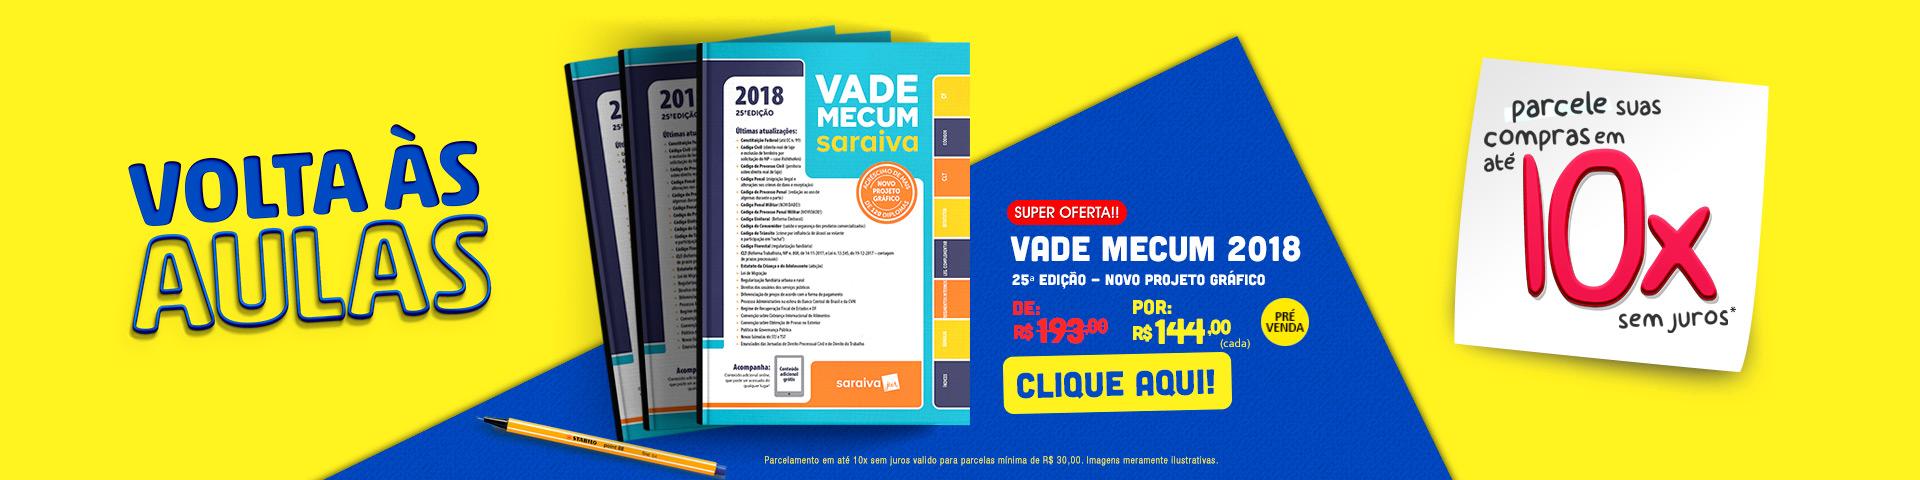 VAA - Vade Mecum 2018